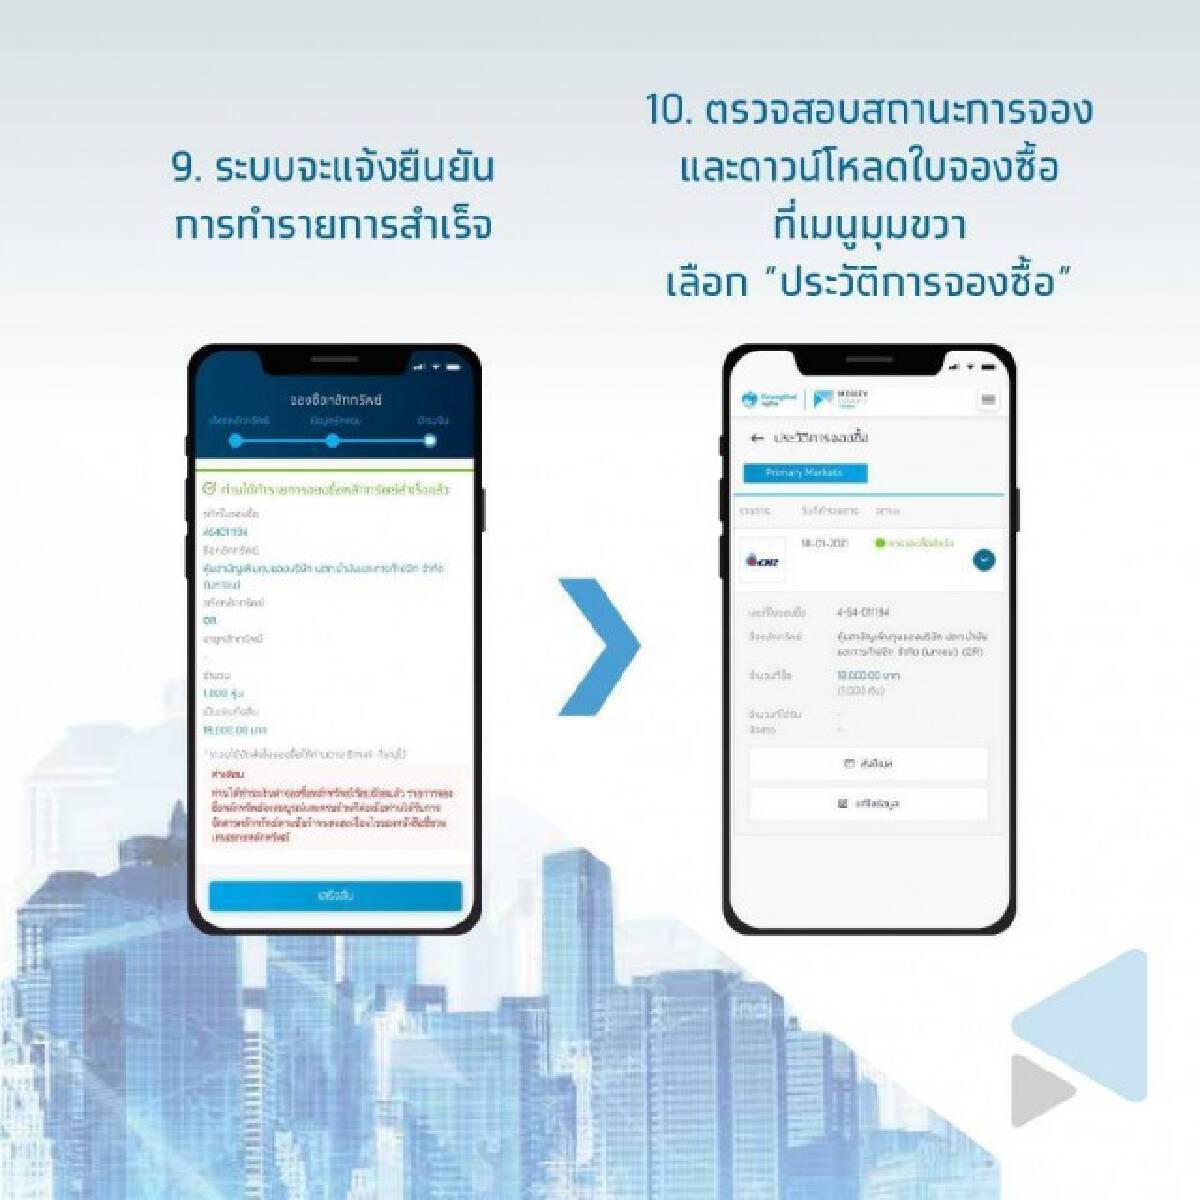 """กรุงไทยยันระบบจองซื้อหุ้น OR   """"ไม่ล่ม""""  แนะนักลงทุนทยอยจองได้  """"ไม่มีเต็ม"""" จนถึง 2 ก.พ.นี้"""